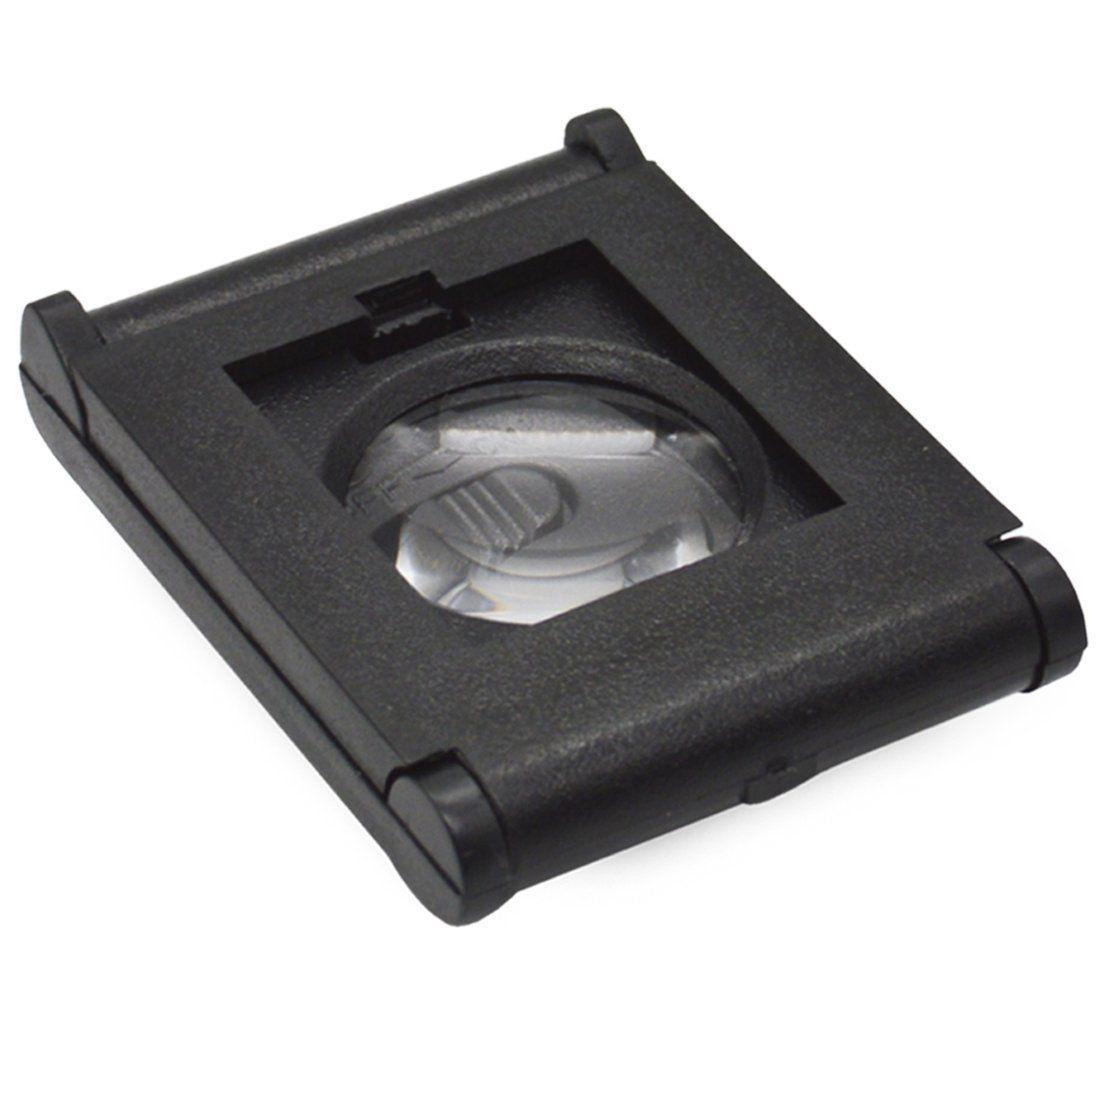 Lupa Conta Fios LED com Aumento 5D Portátil e Dobrável Solver SLF-125  - EMPORIO K